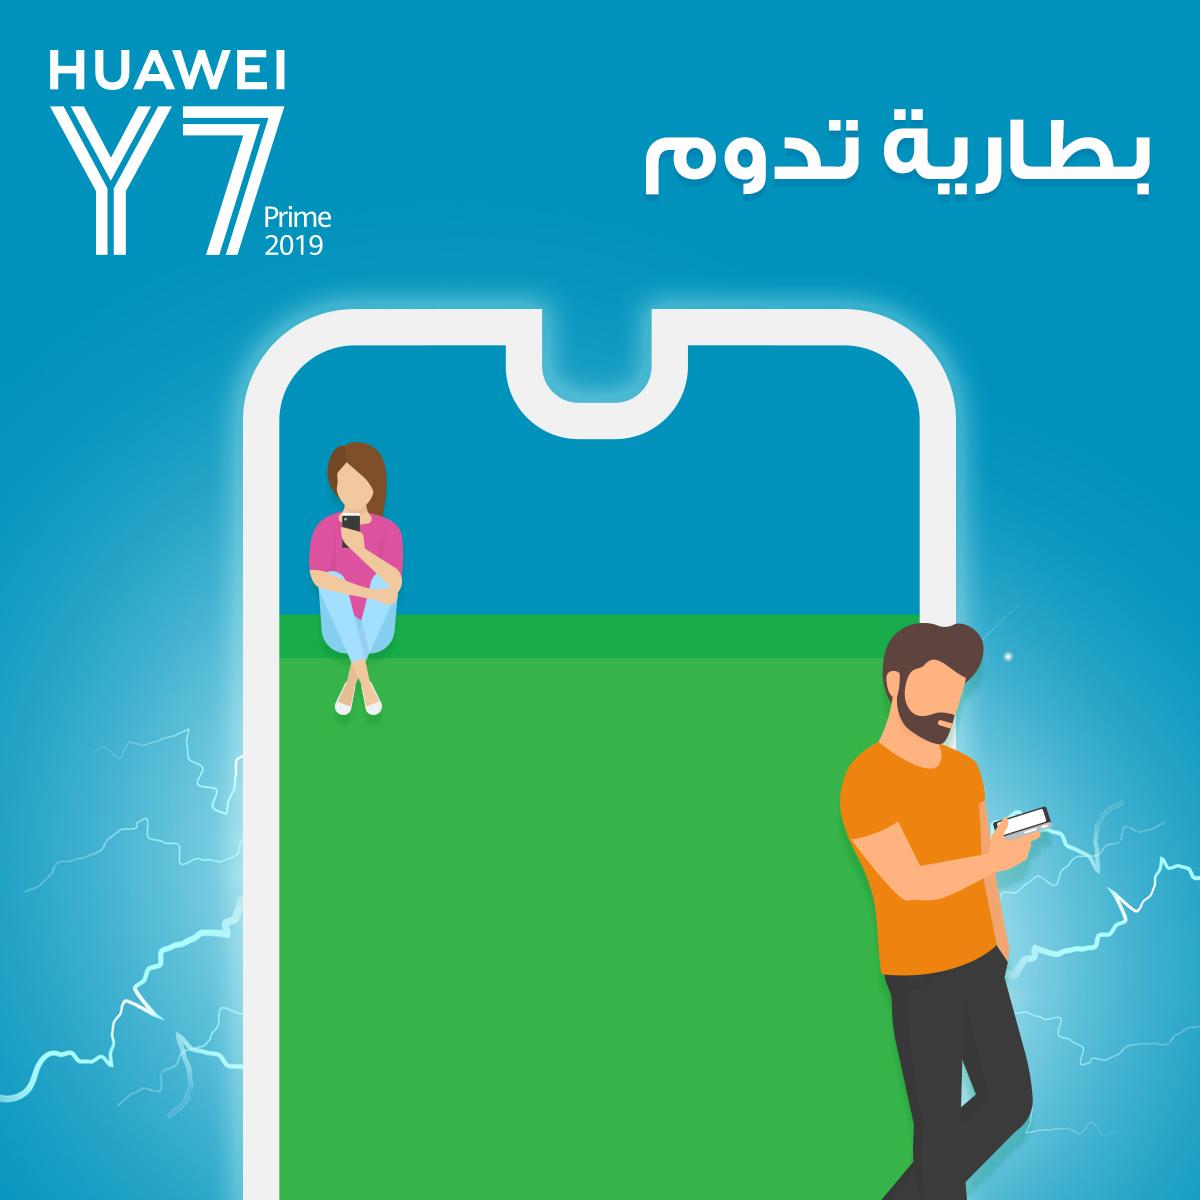 لعشاق سلسلة Y من Huawei لن يطول انتظاركم!